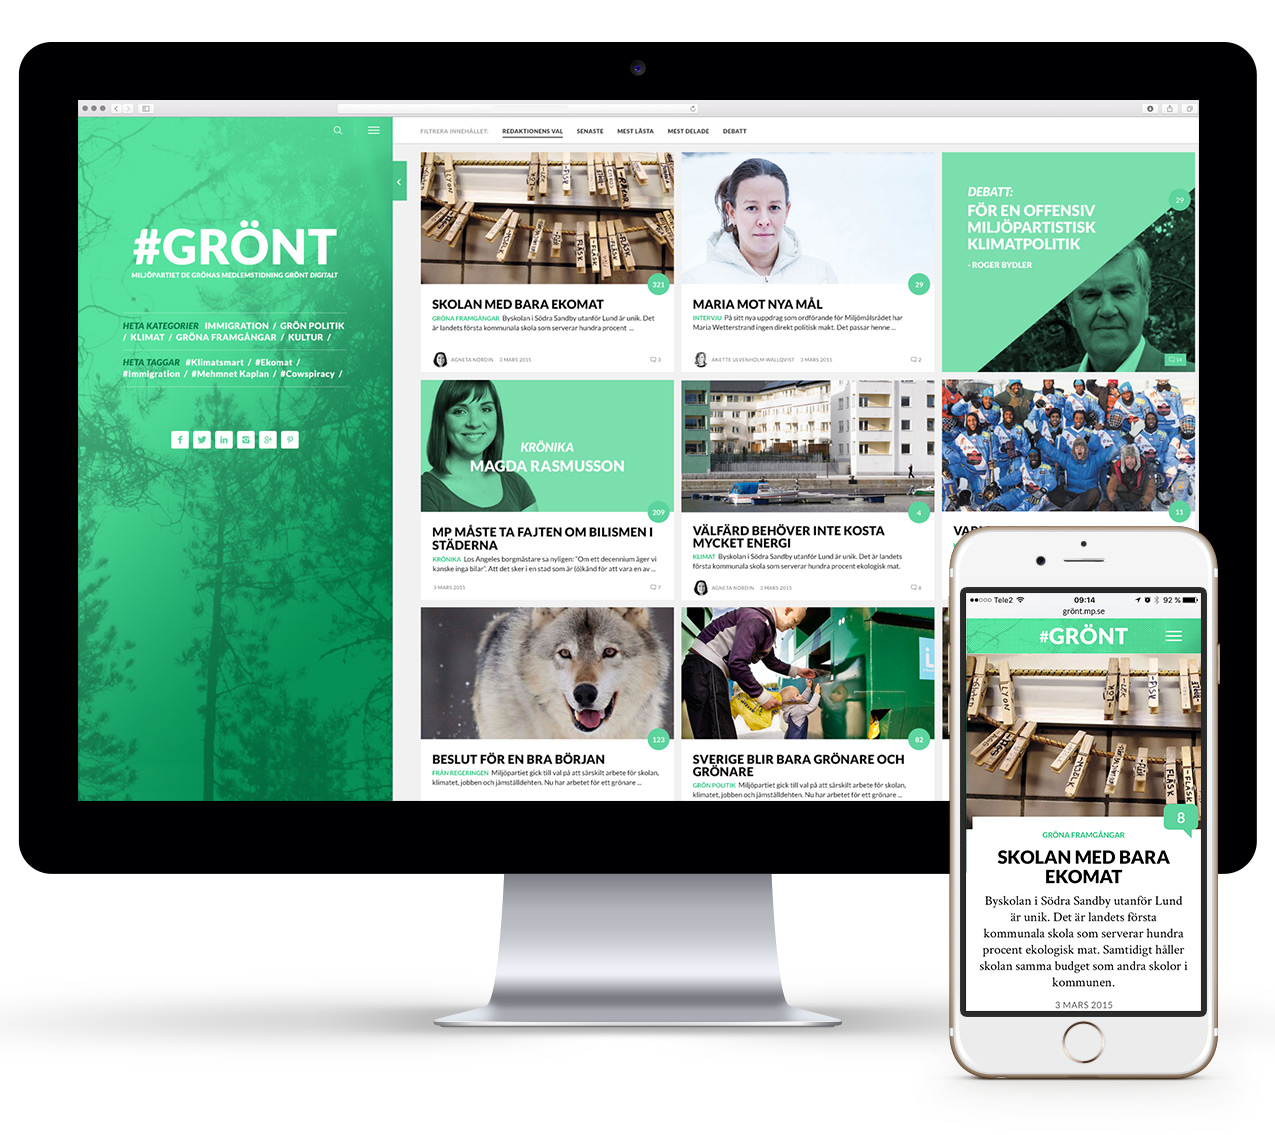 Grönt Wonderfour webbyrå